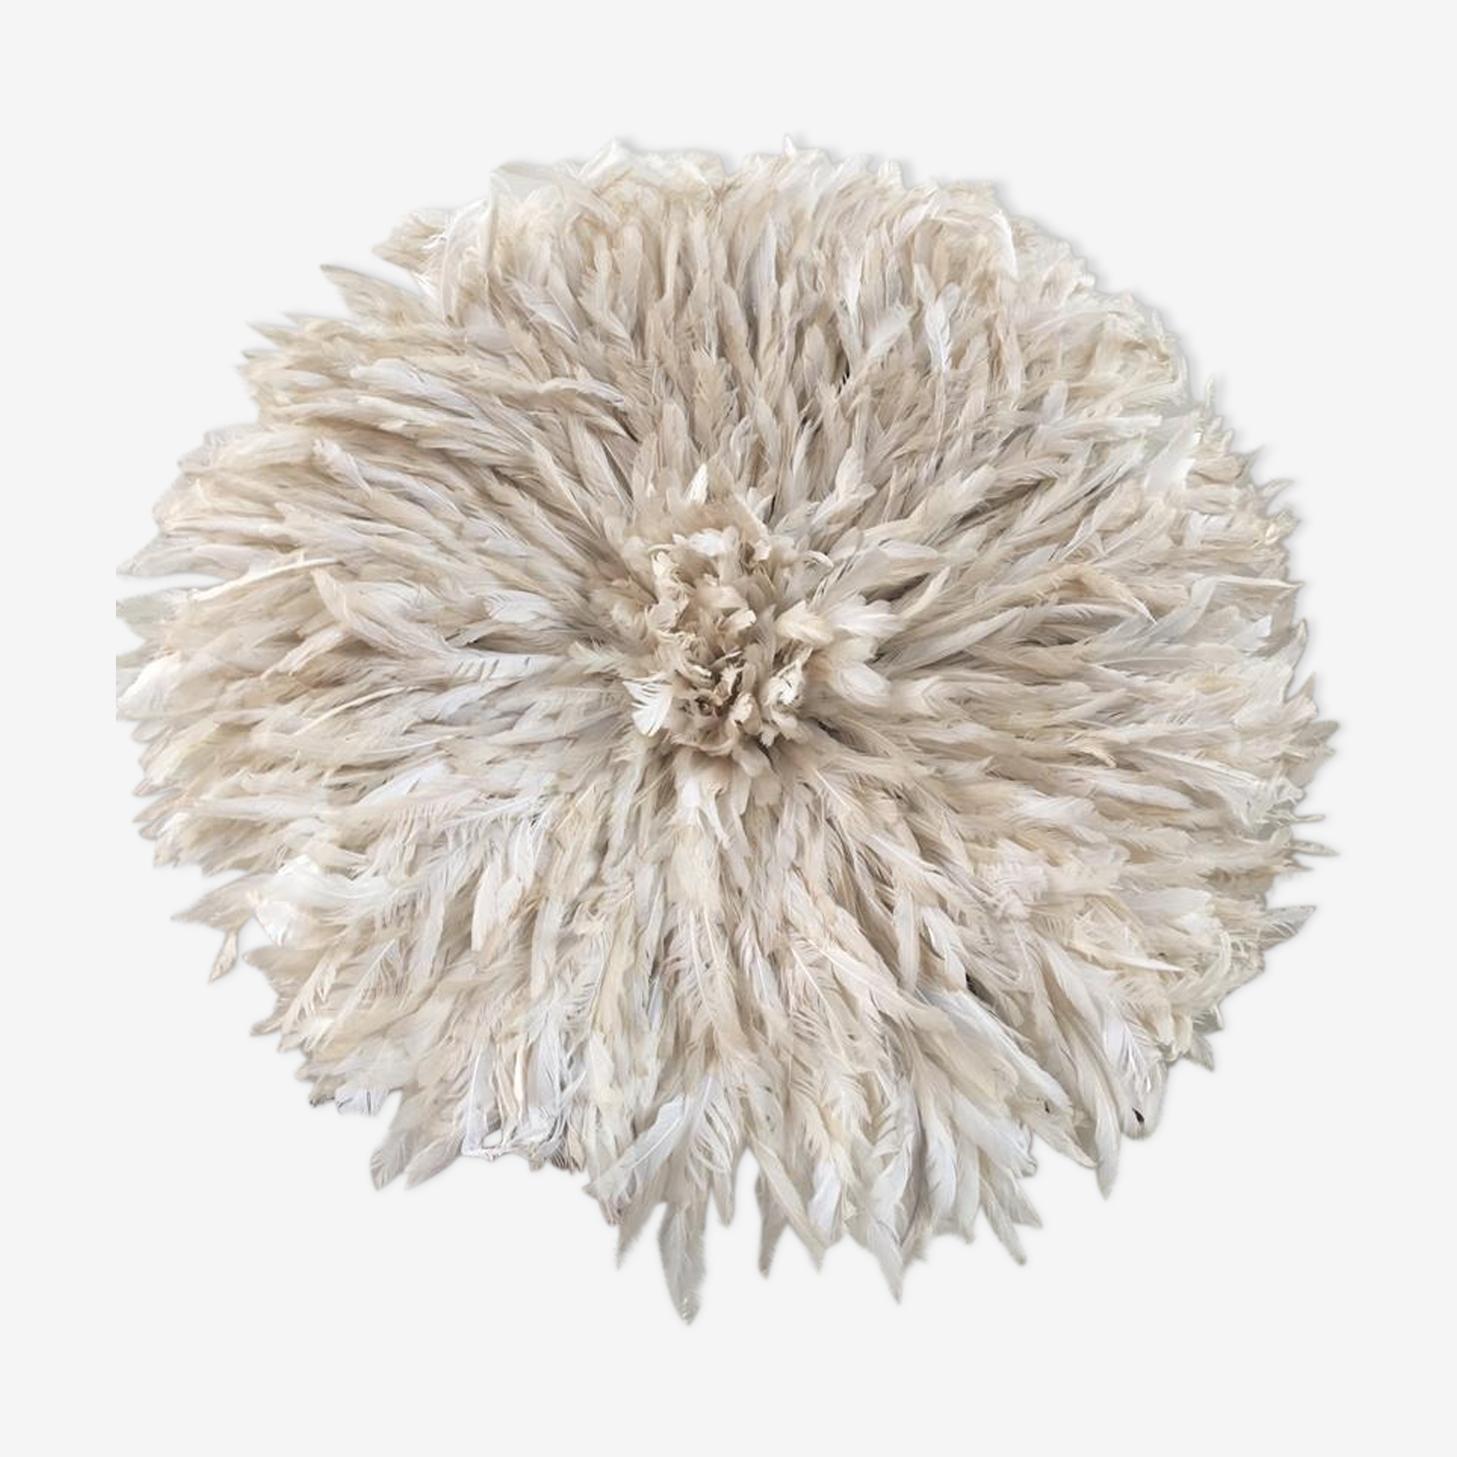 Juju hat white 60 cm